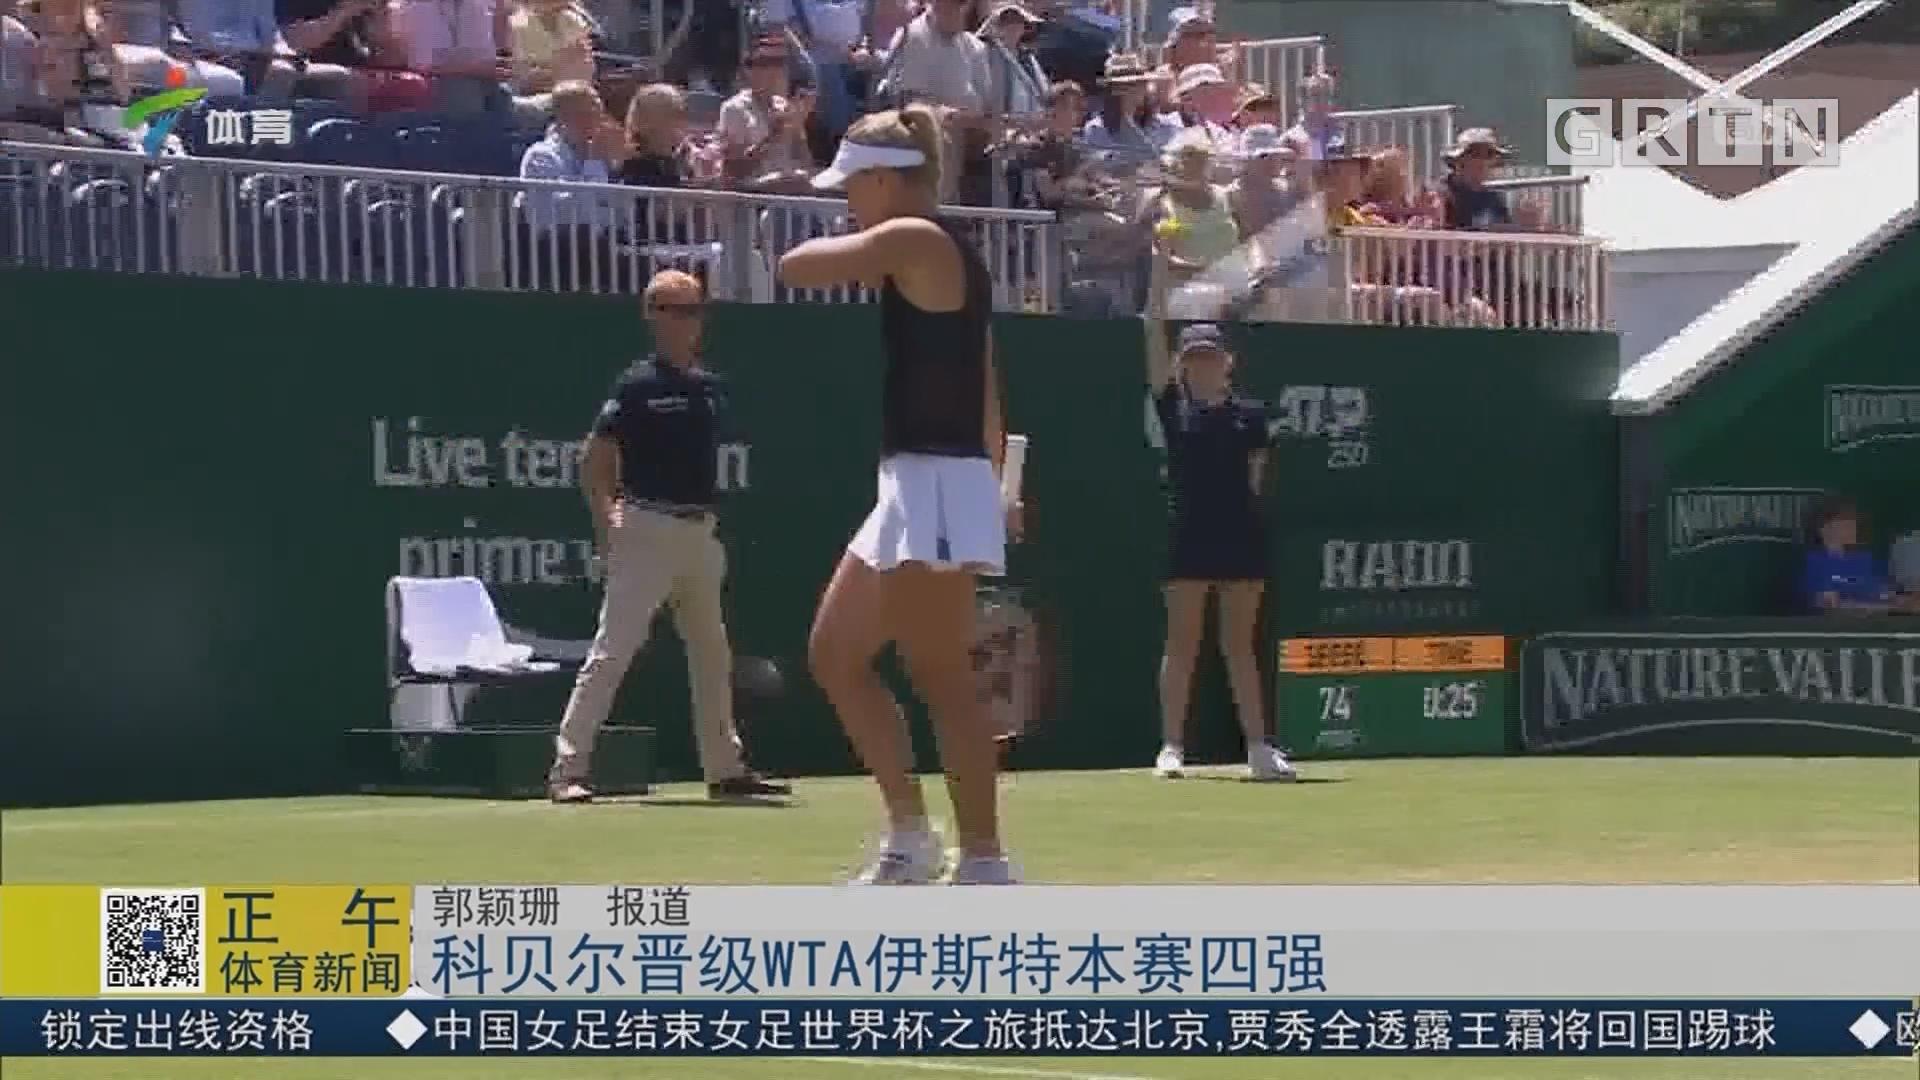 科贝尔晋级WTA伊斯特本赛四强